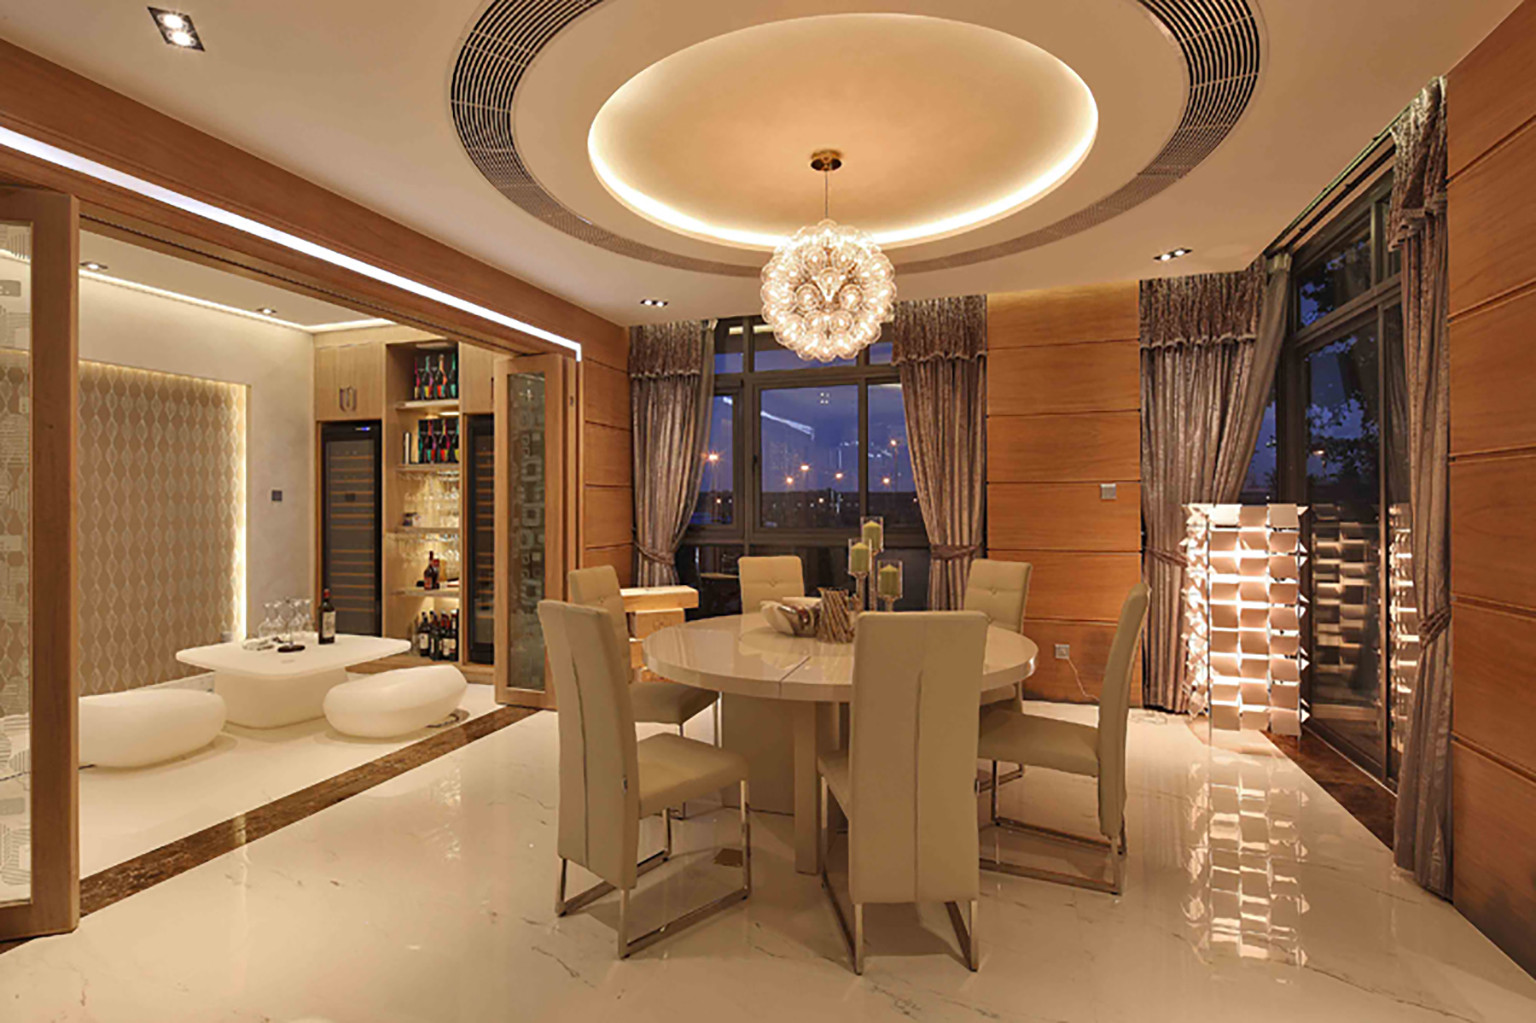 现代别墅装修餐厅顶面造型图